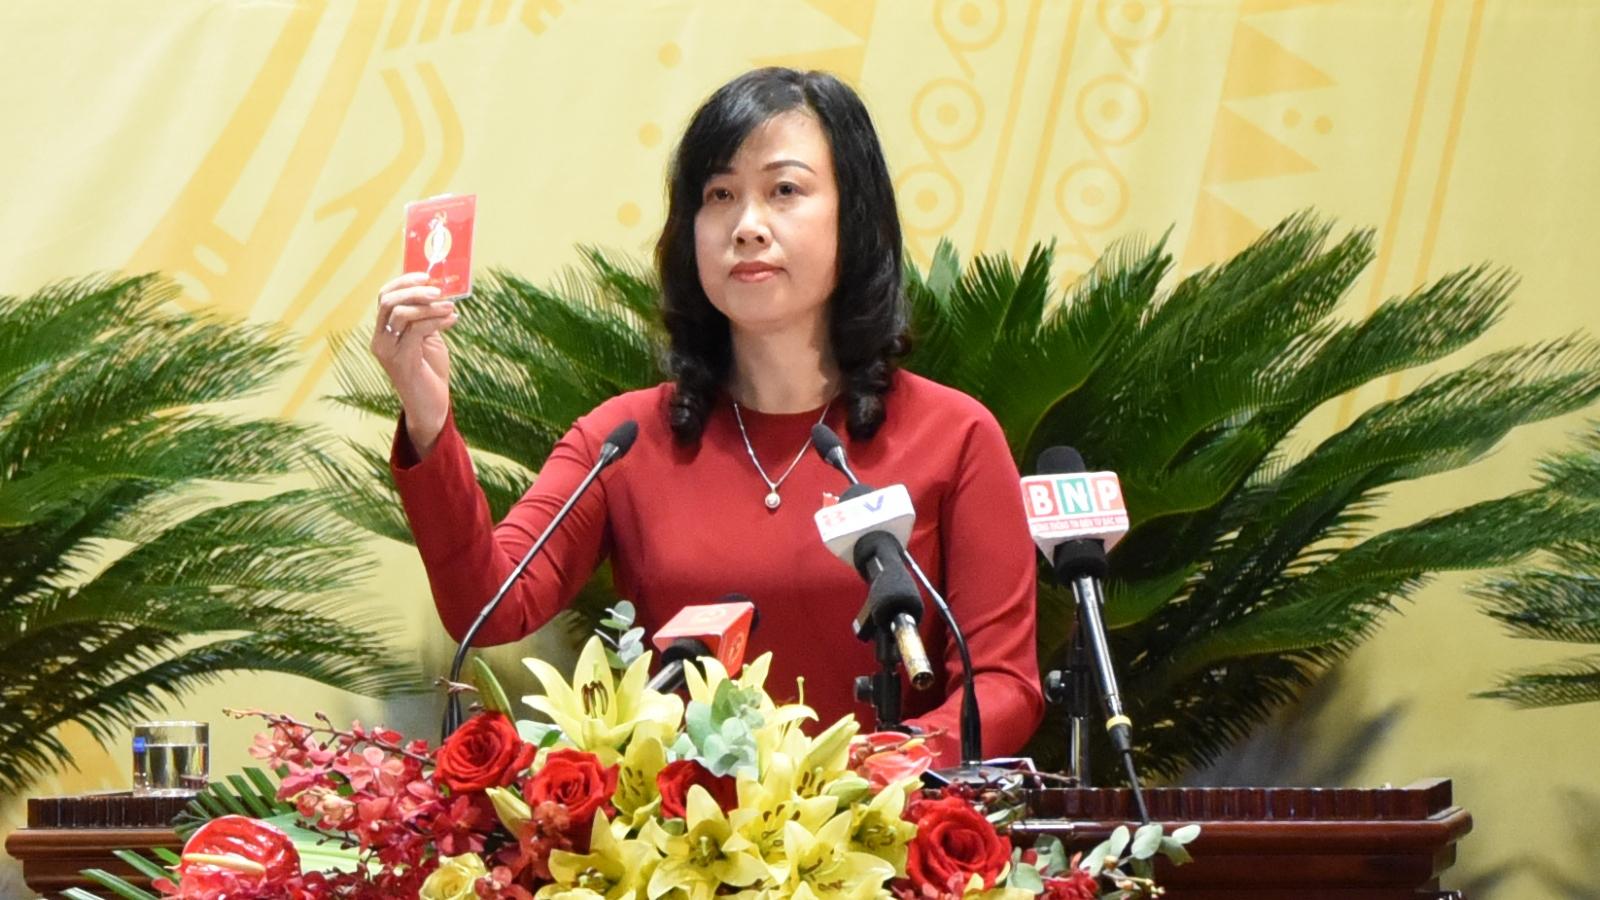 Bà Đào Hồng Lan được bầu giữ chức Bí thư Tỉnh ủy Bắc Ninh nhiệm kỳ 2020-2025